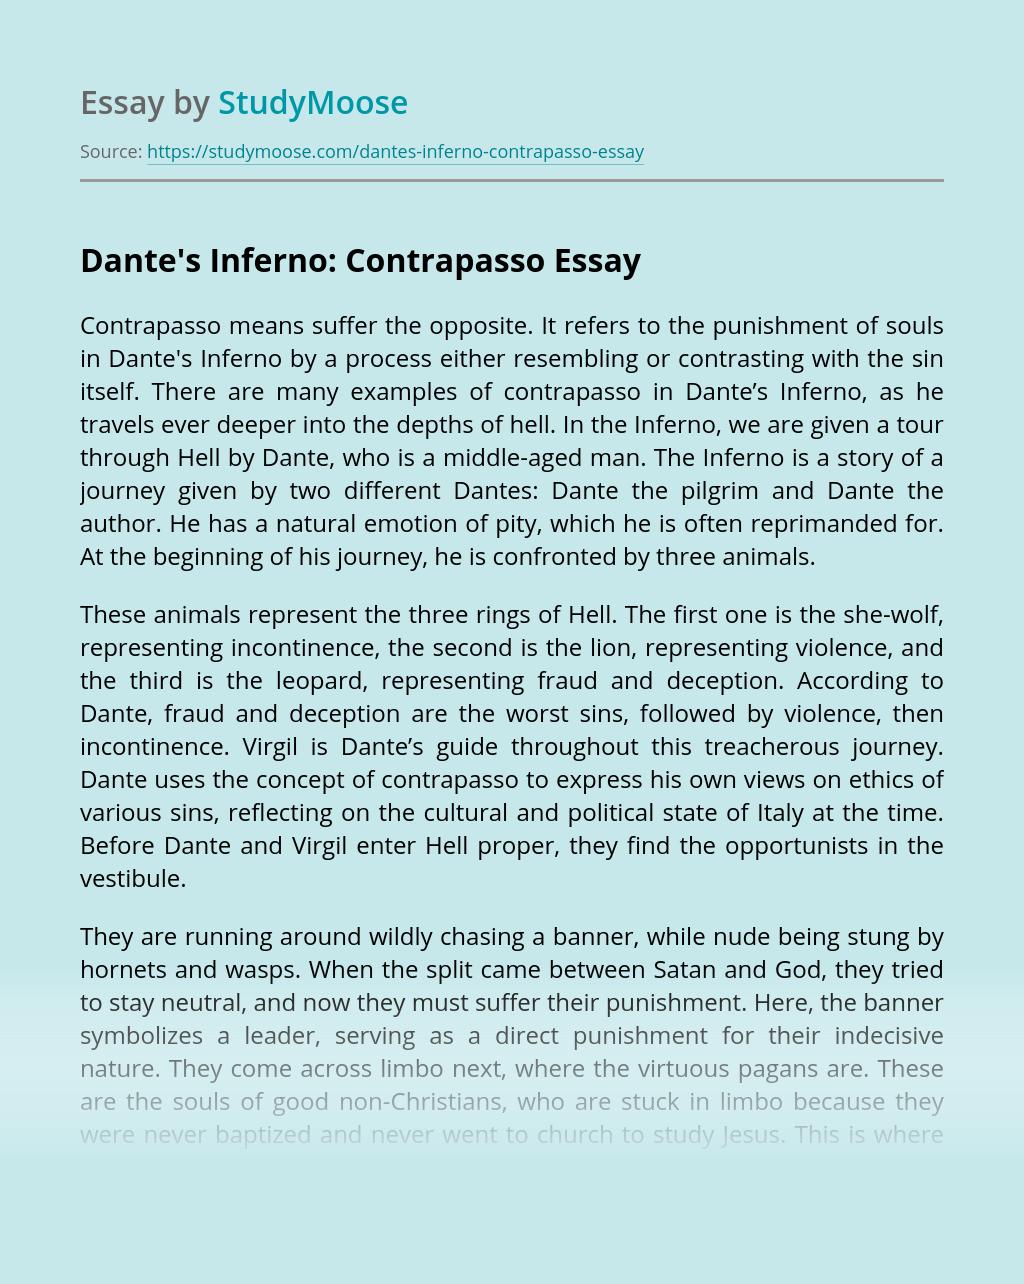 Dante's Inferno: Contrapasso